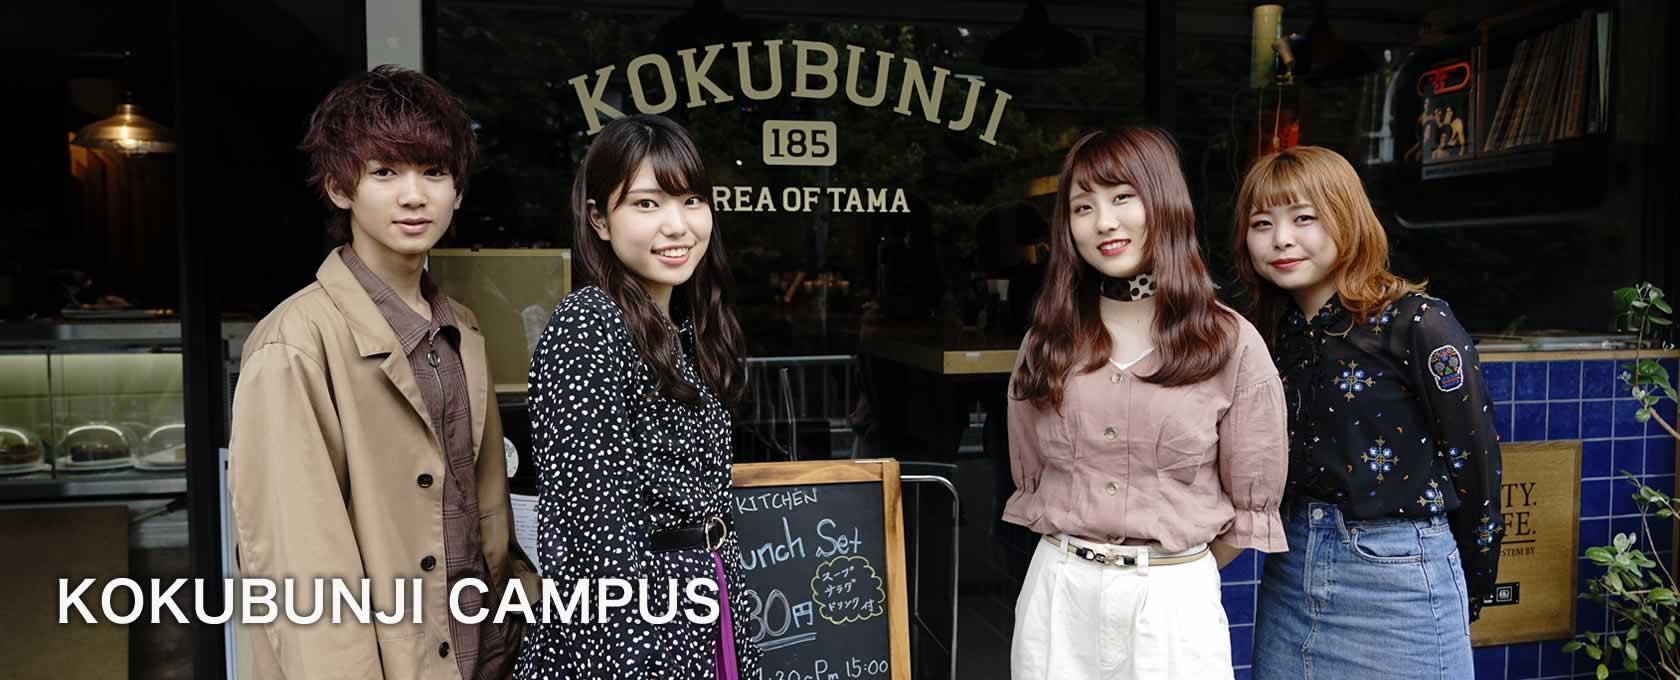 東京の美容専門学校:国際文化理容美容専門学校の国分寺校キャンパス